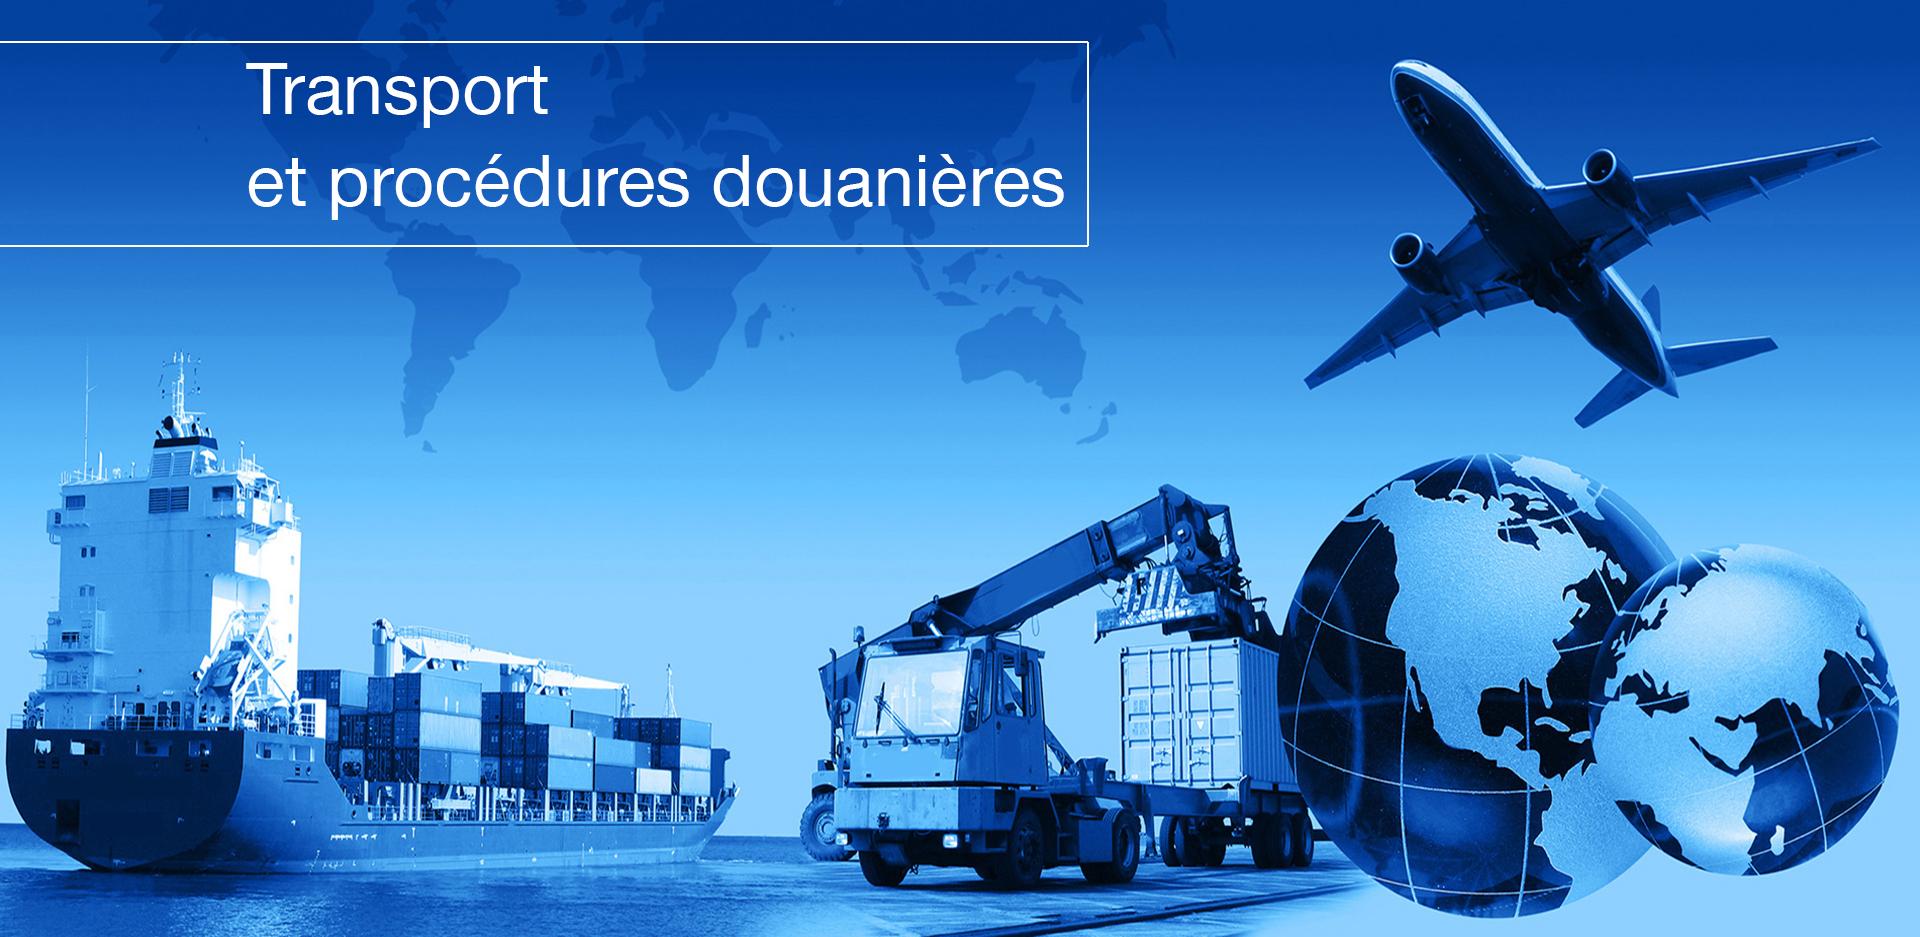 Traduction dans le domaine des transports et procédures douanières